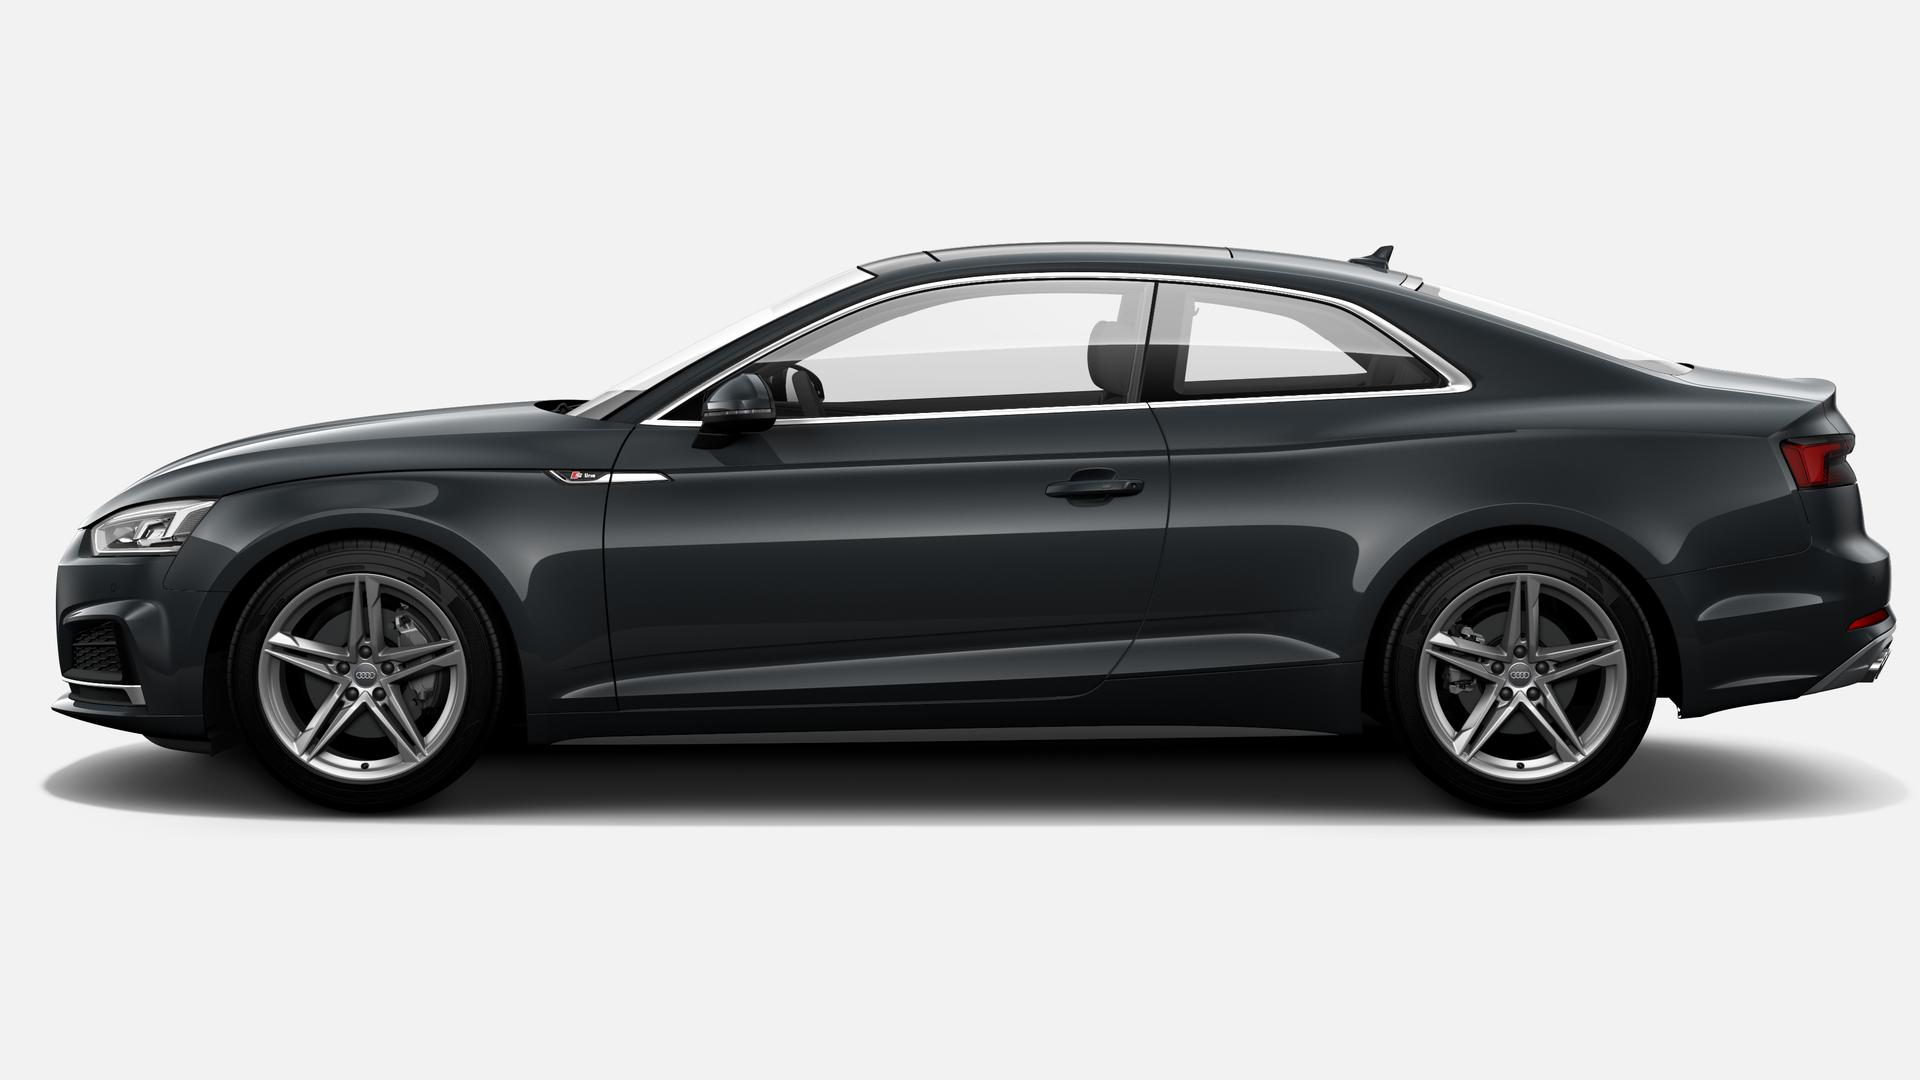 Vista Lateral izquierda de Audi A5 Coupe 40 TDI S line quattro S tronic 140 kW (190 CV)